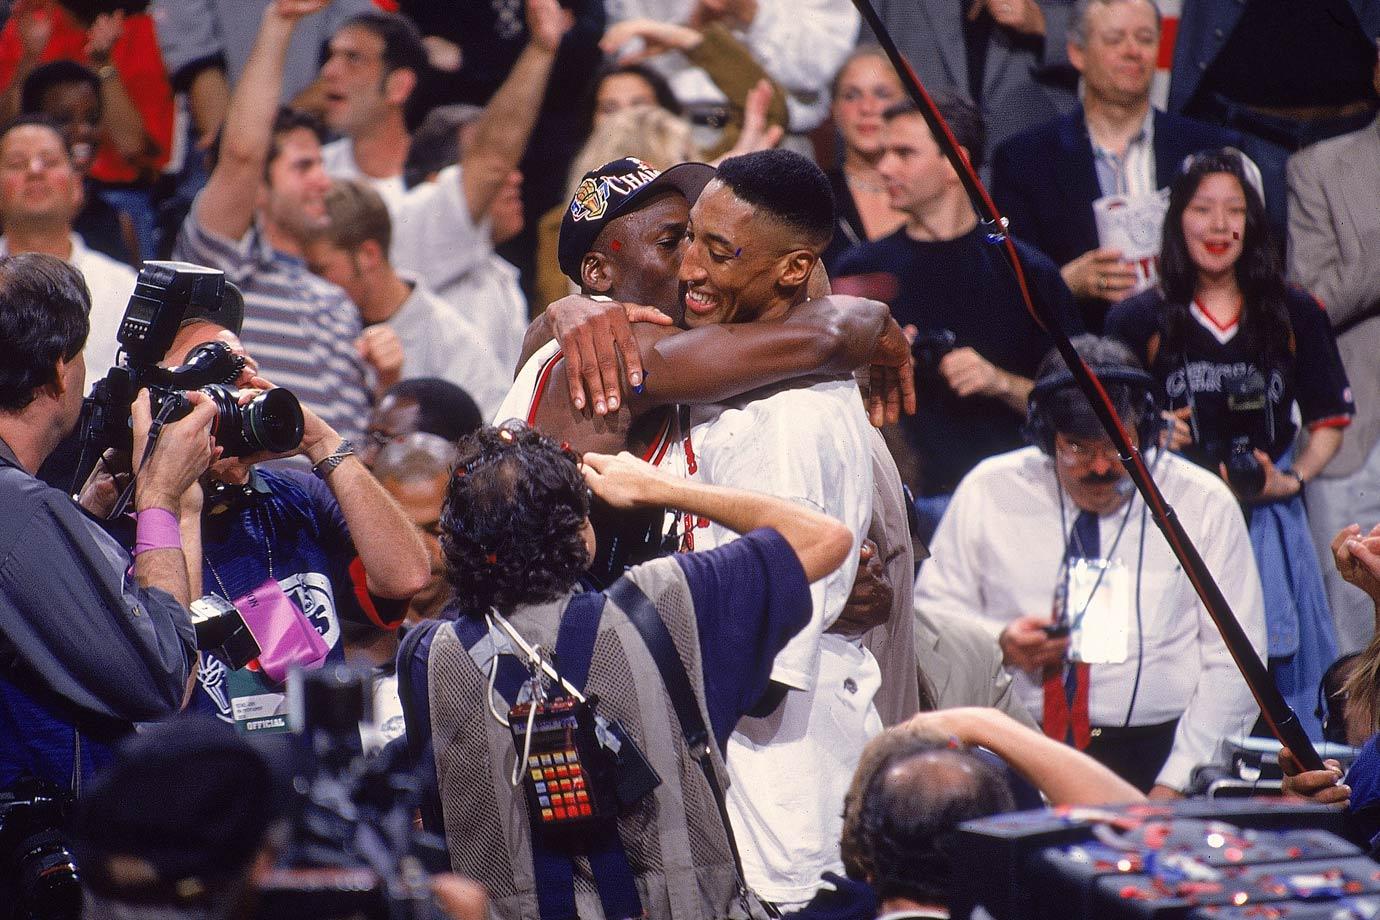 June 13, 1997 — NBA Finals, Game 6